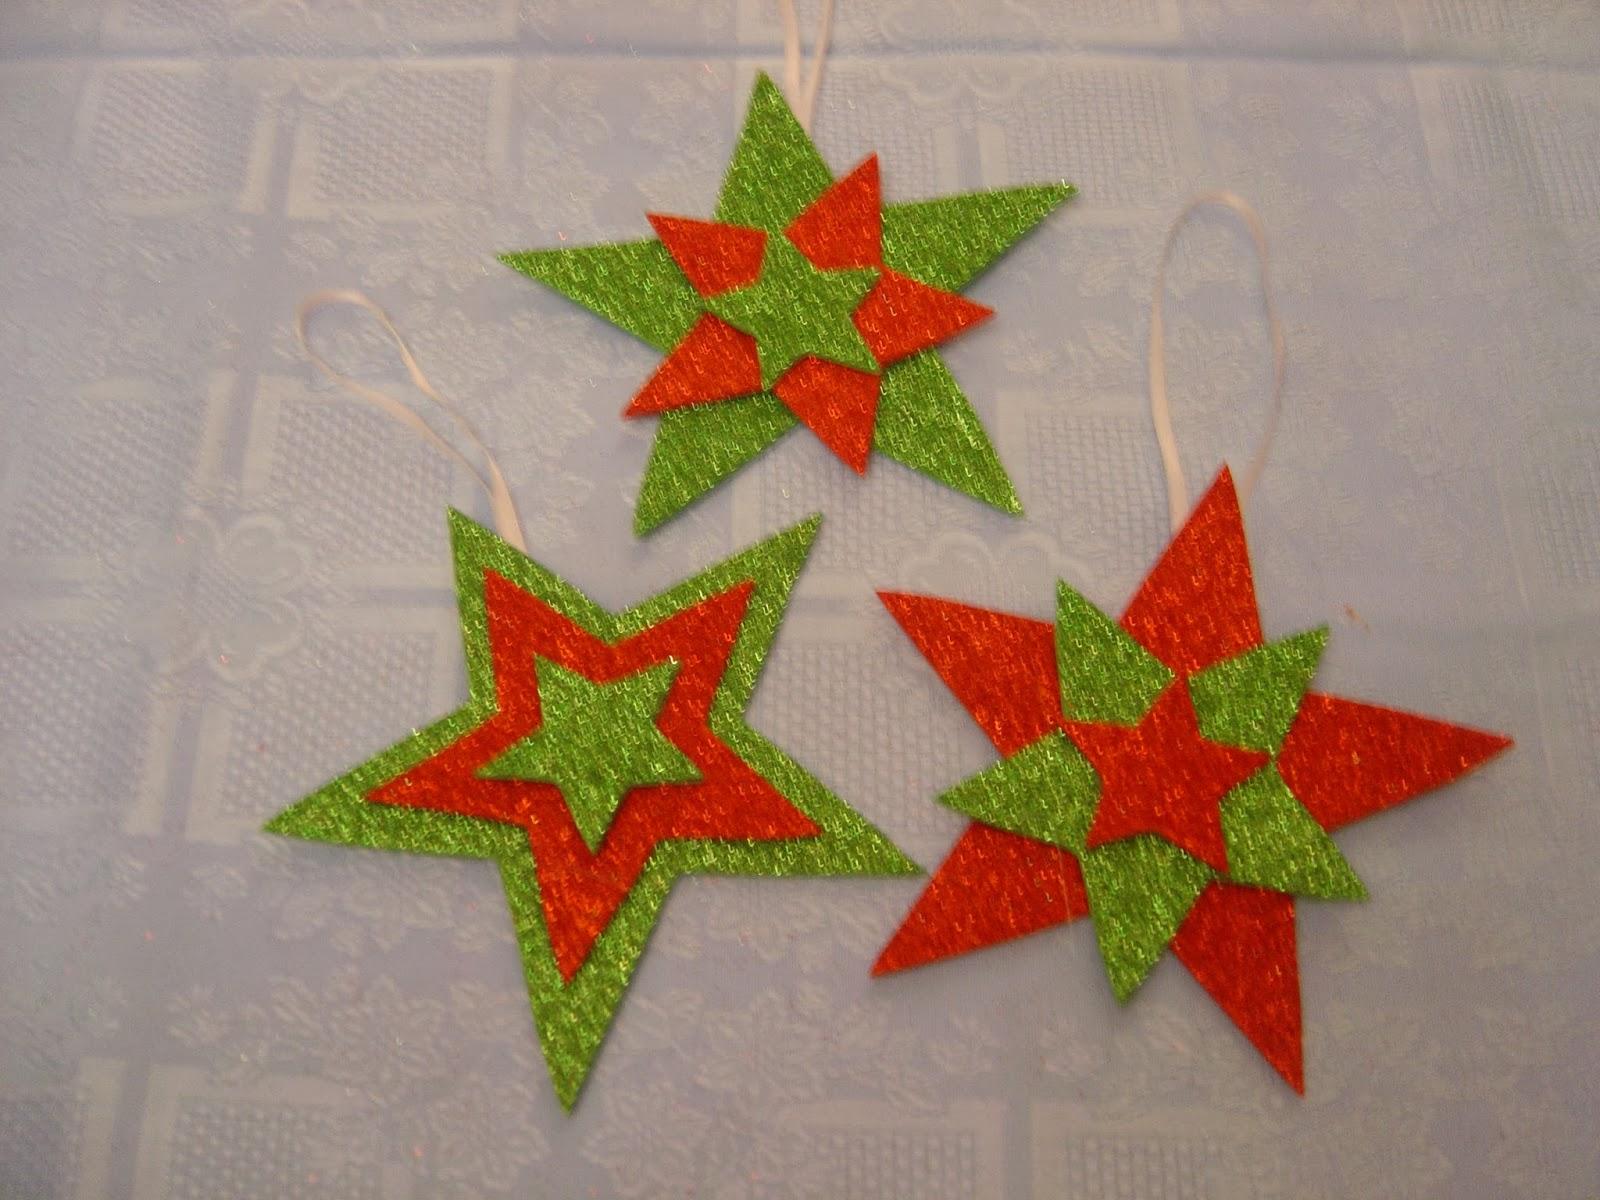 Chitines fieltro y otras manualidades estrellas de navidad - Ideas para decorar estrellas de navidad ...